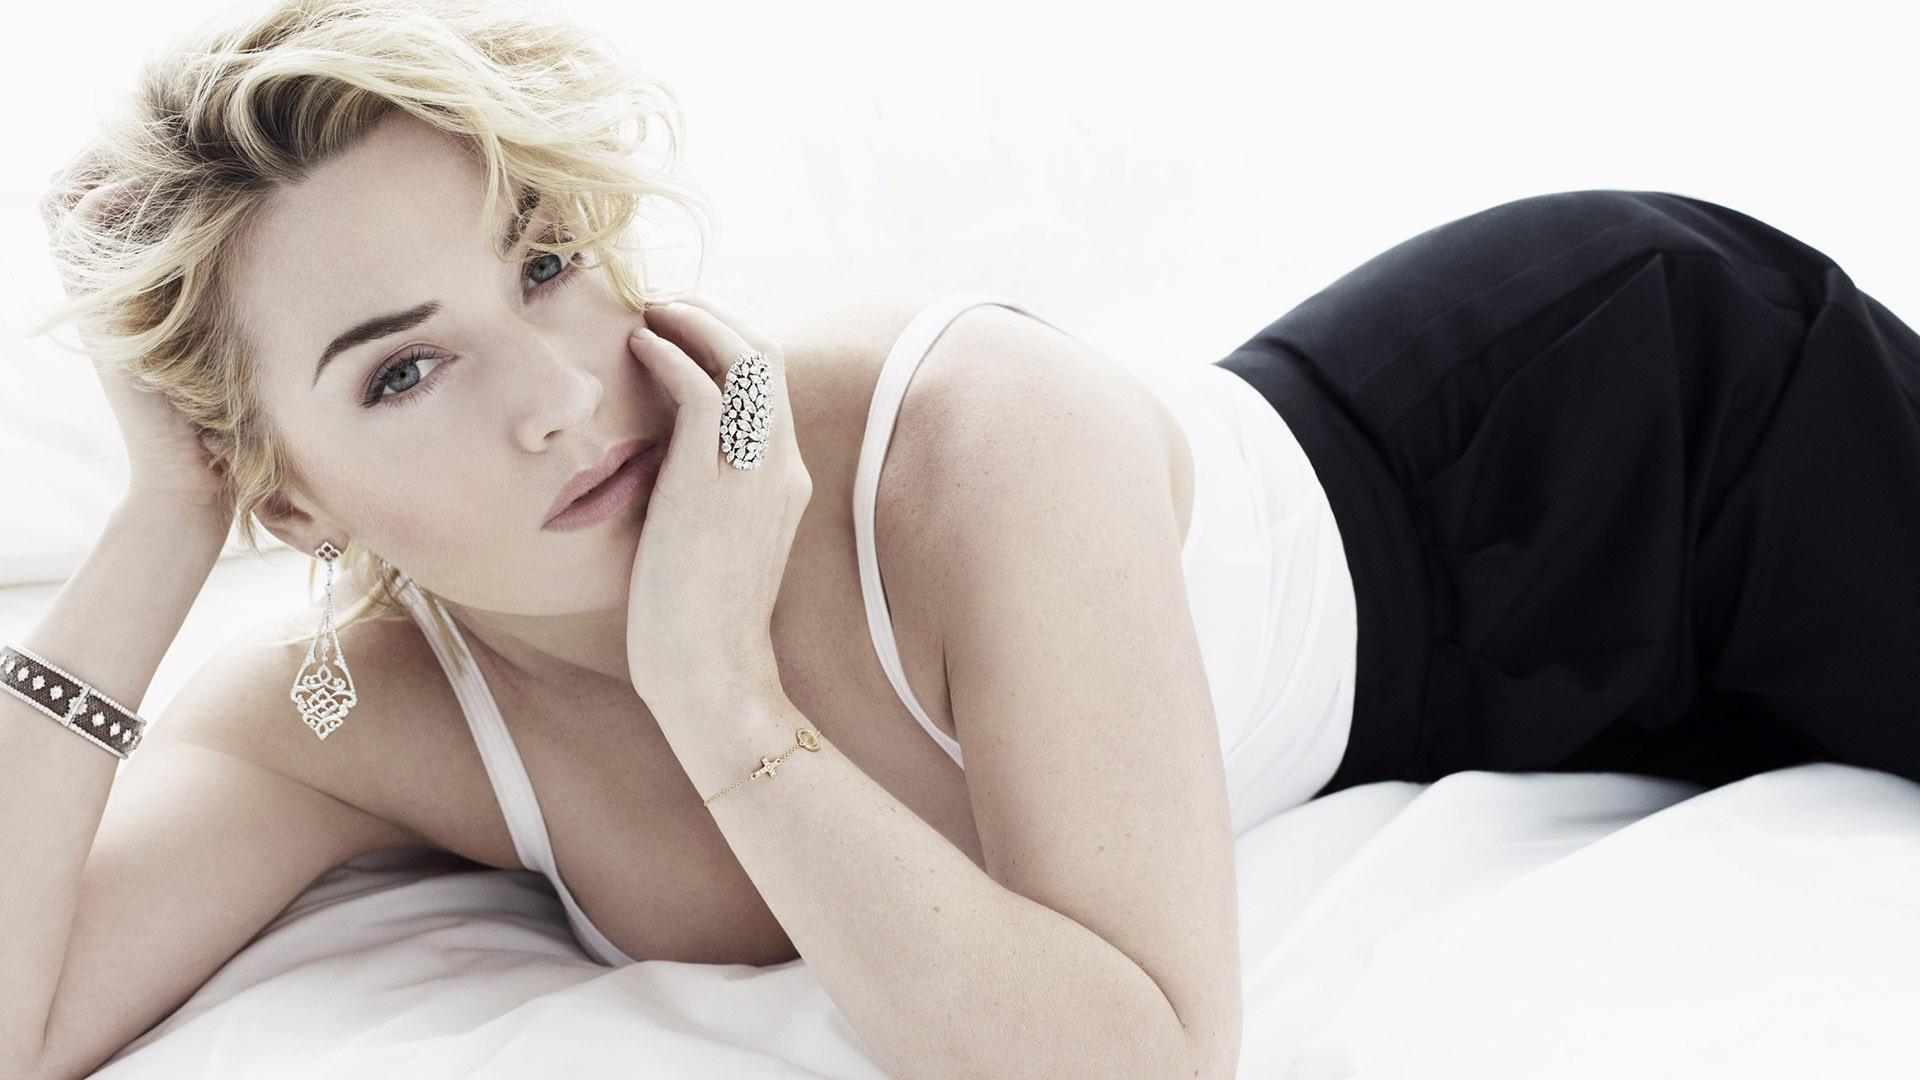 Kate Winslet Full Hd